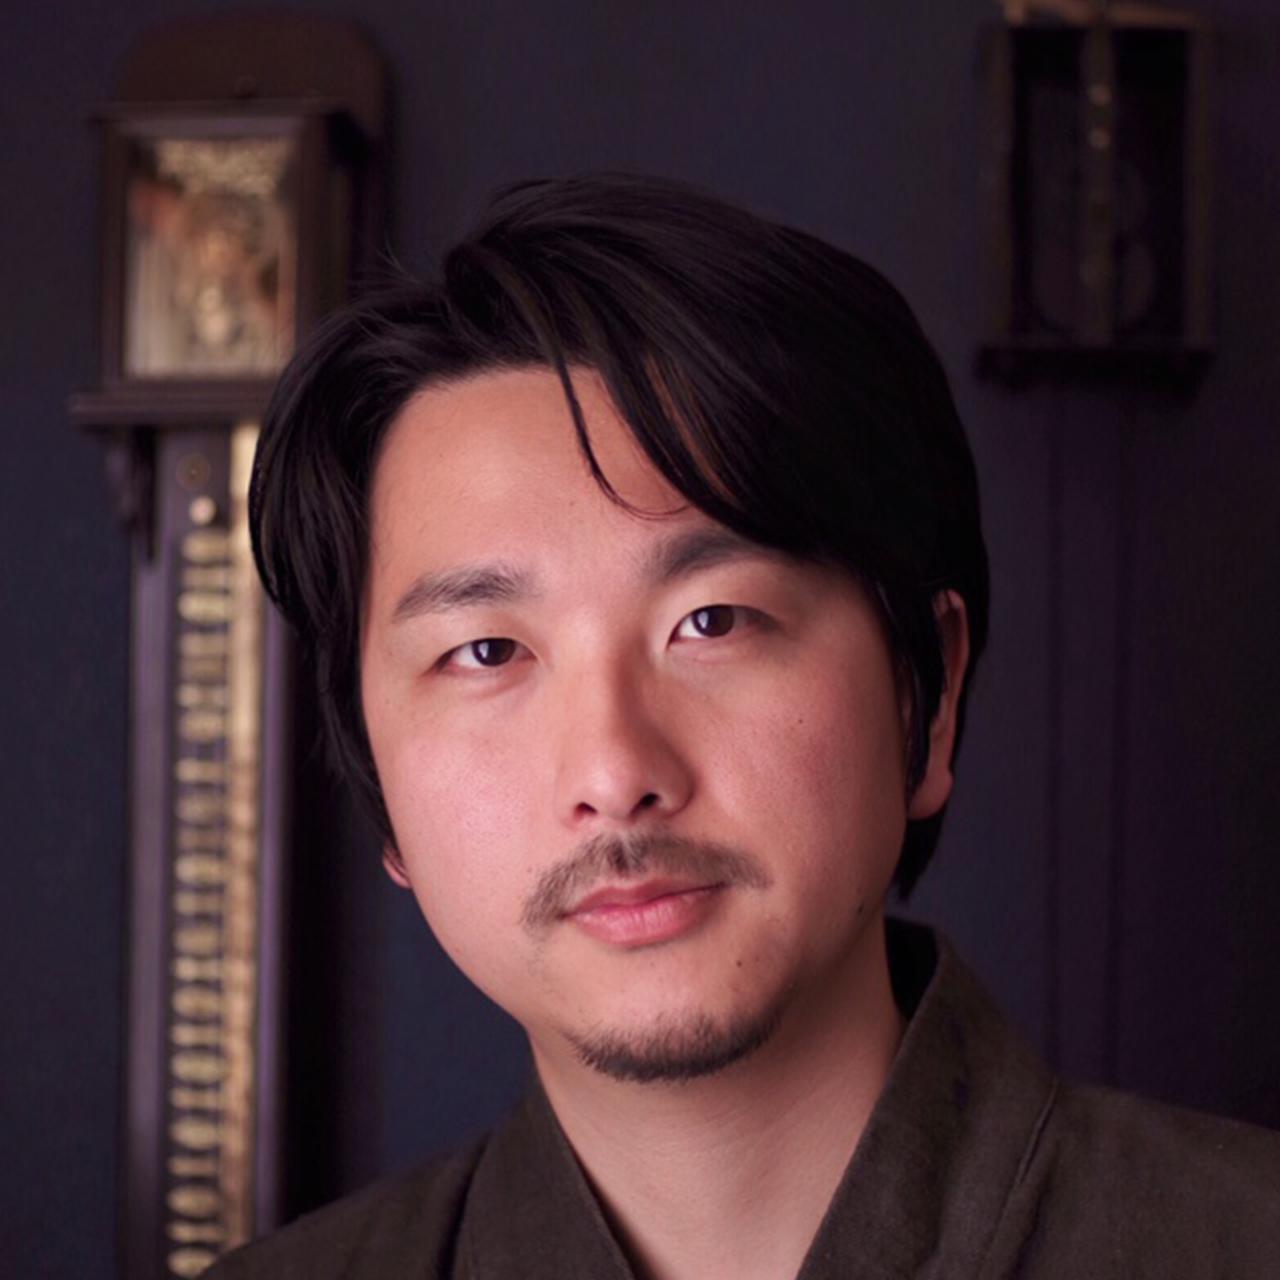 画像: 菊野昌宏(MASAHIRO KIKUNO) 1983年生まれ。北海道出身。2008年ヒコ・みづのジュエリーカレッジ卒業後、研修生として自身の作品を製作。同校講師を経て'12年に独立。'11年よりAHCI準会員、'13年より同正会員